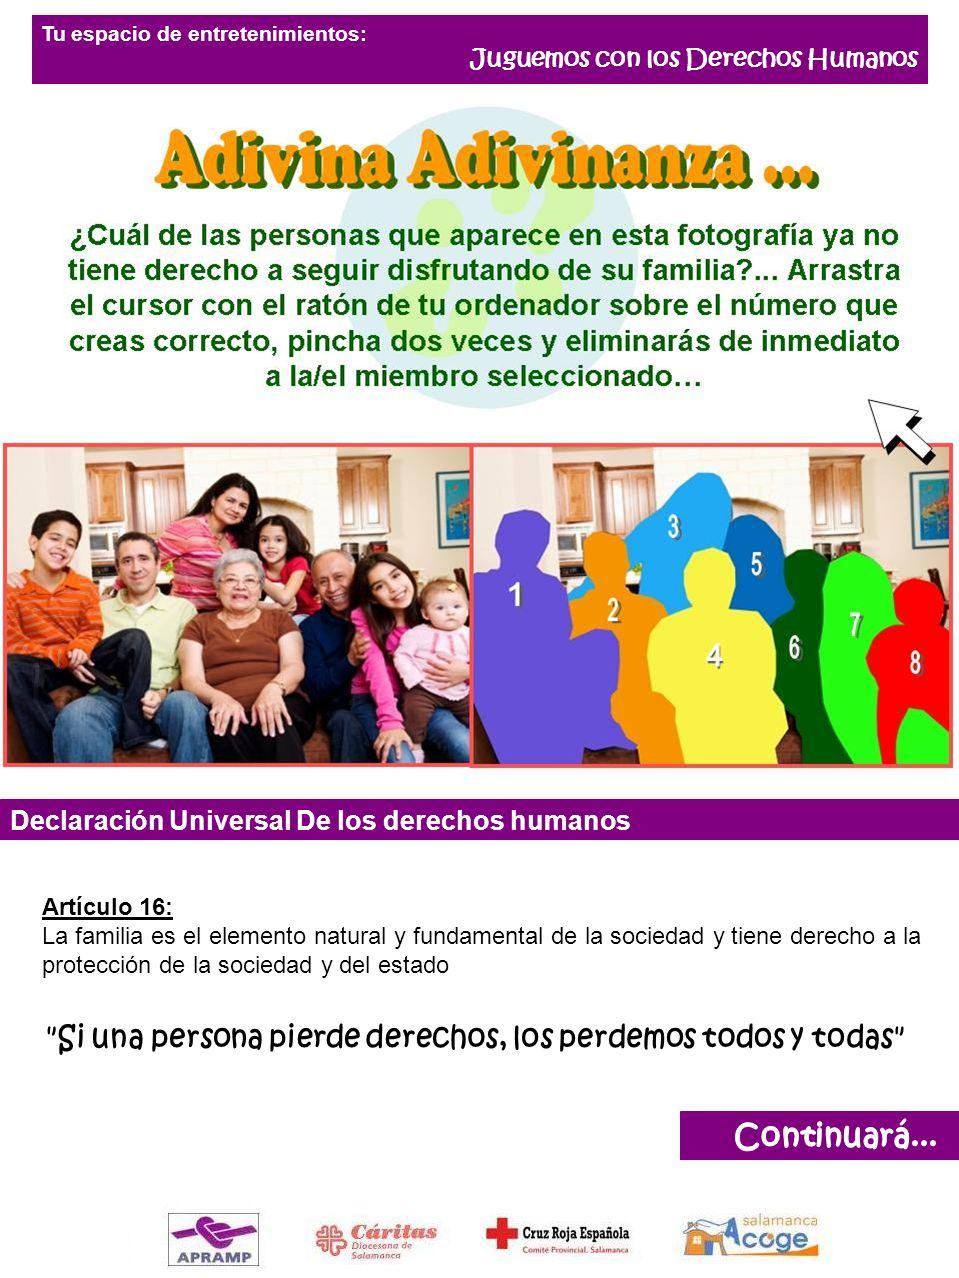 Declaración Universal De los derechos humanos Artículo 16: La familia es el elemento natural y fundamental de la sociedad y tiene derecho a la protecc